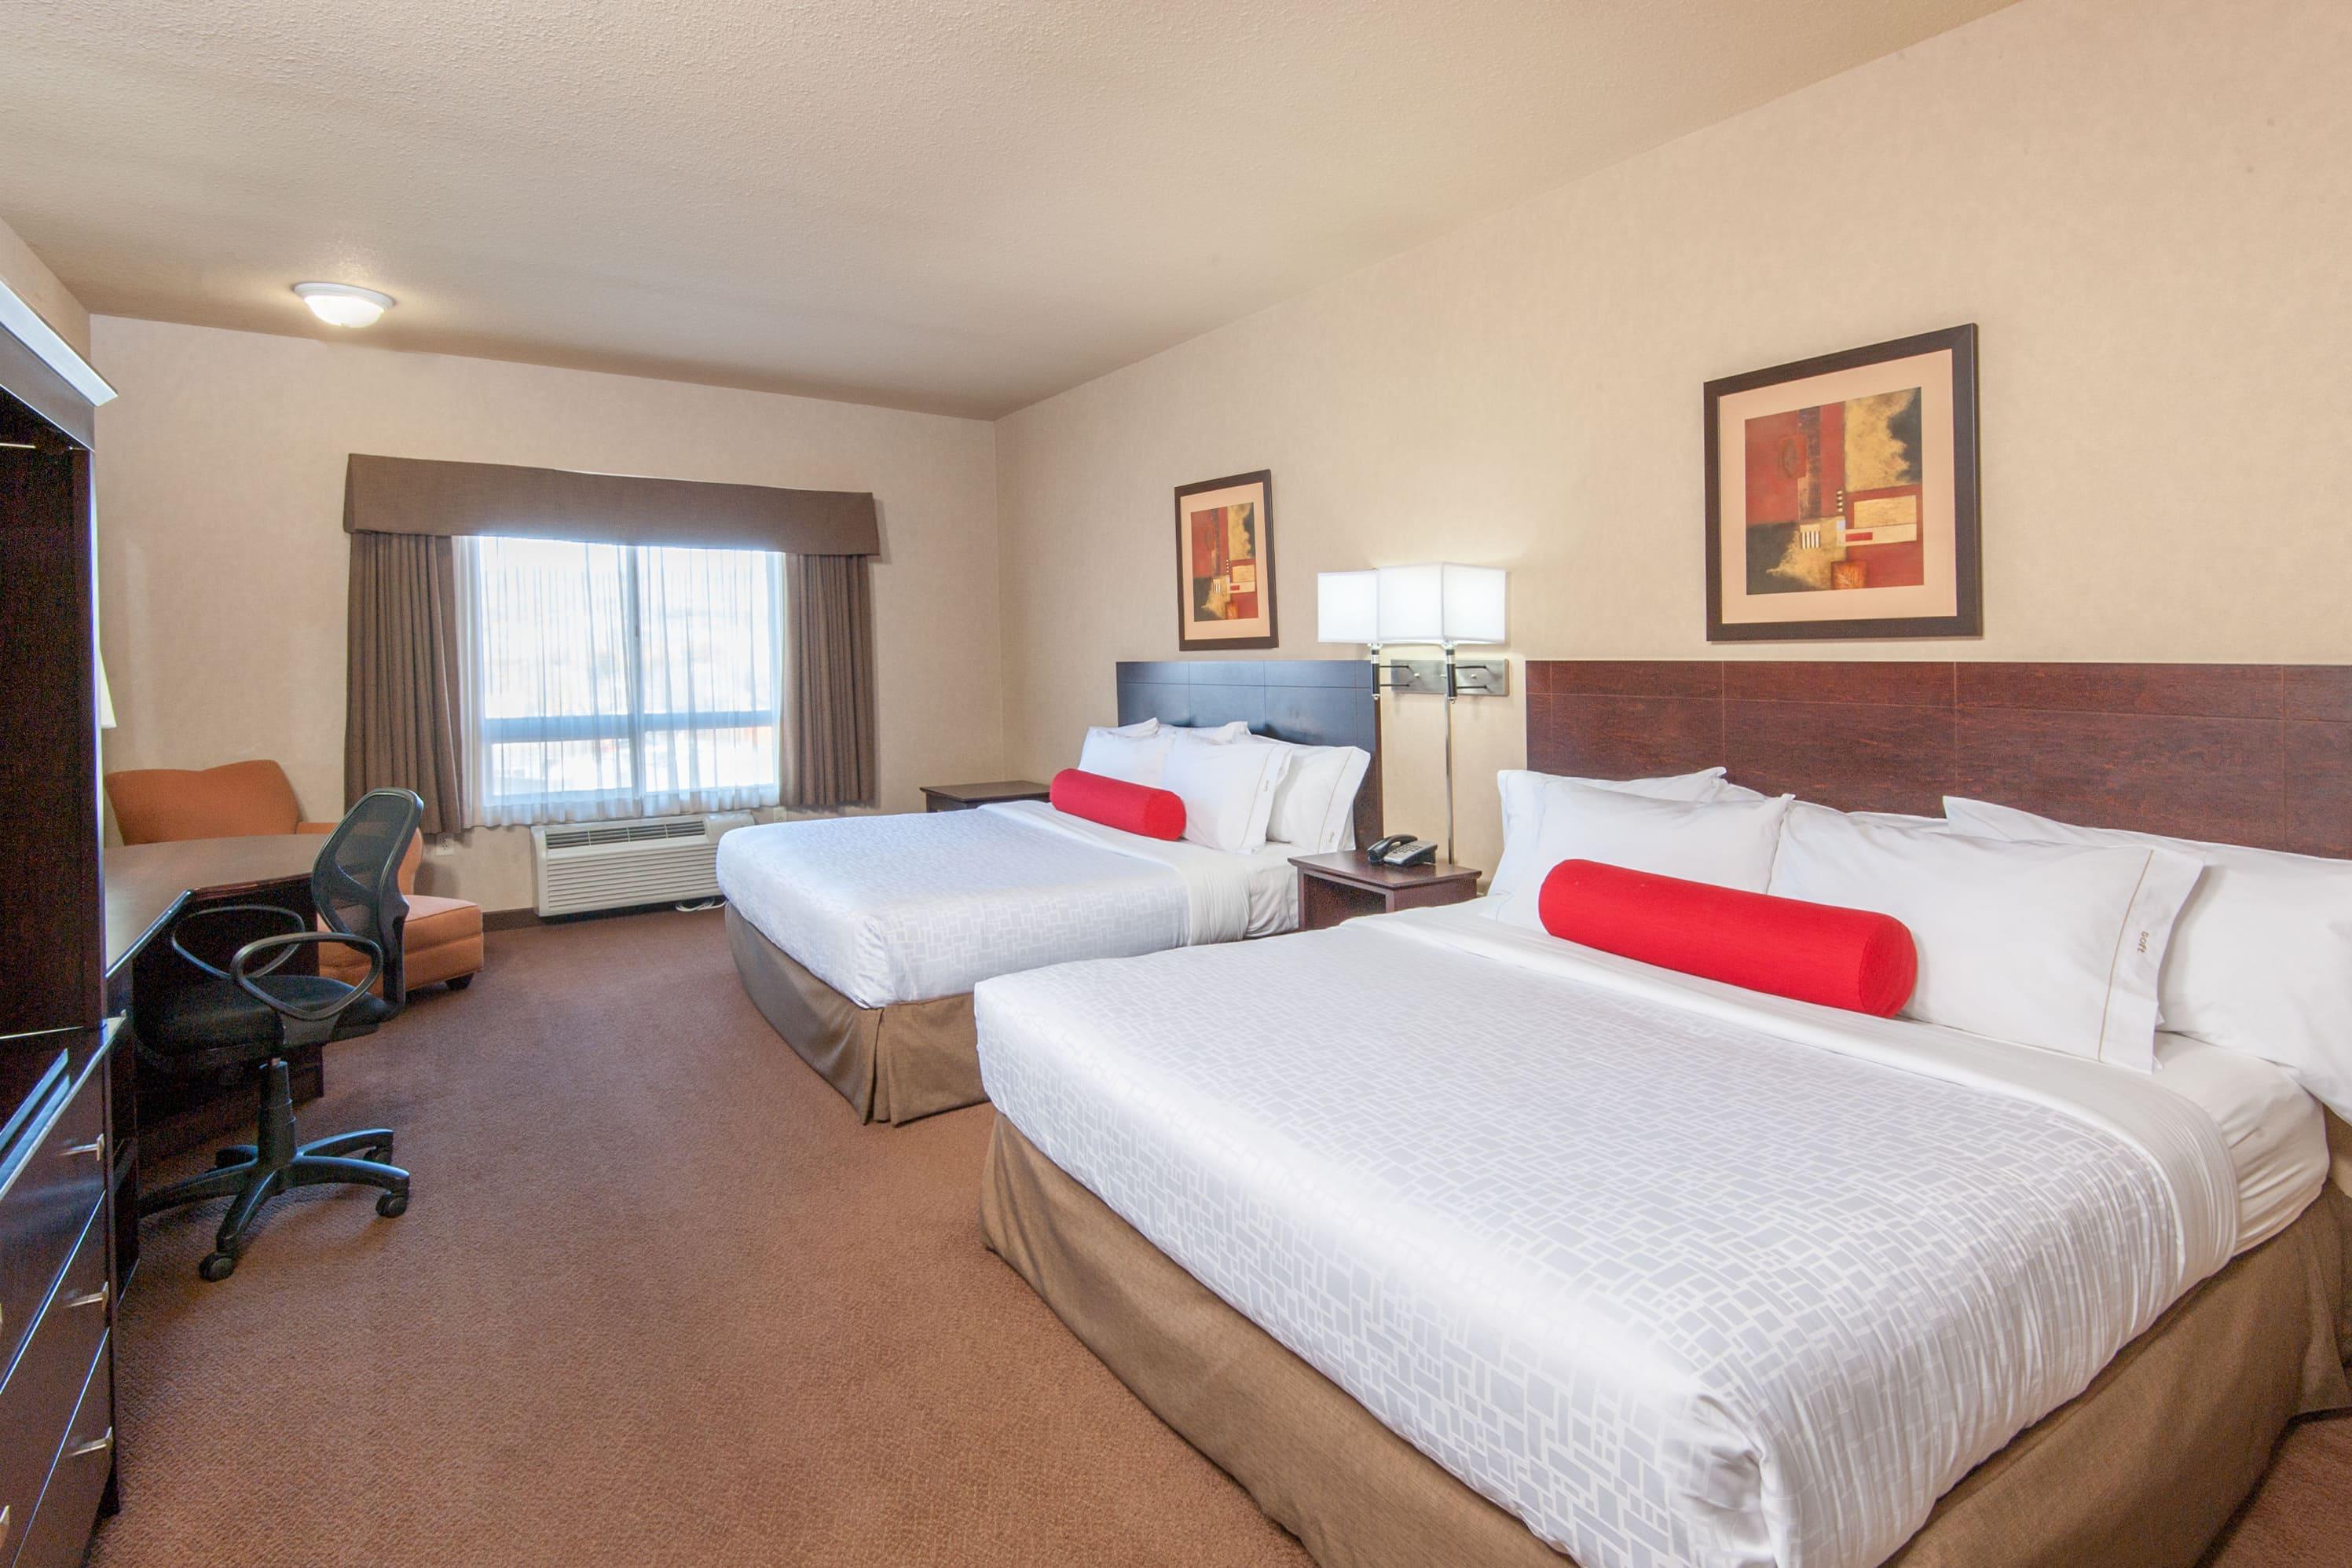 Guest room at the Ramada Drumheller Hotel & Suites in Drumheller, Alberta